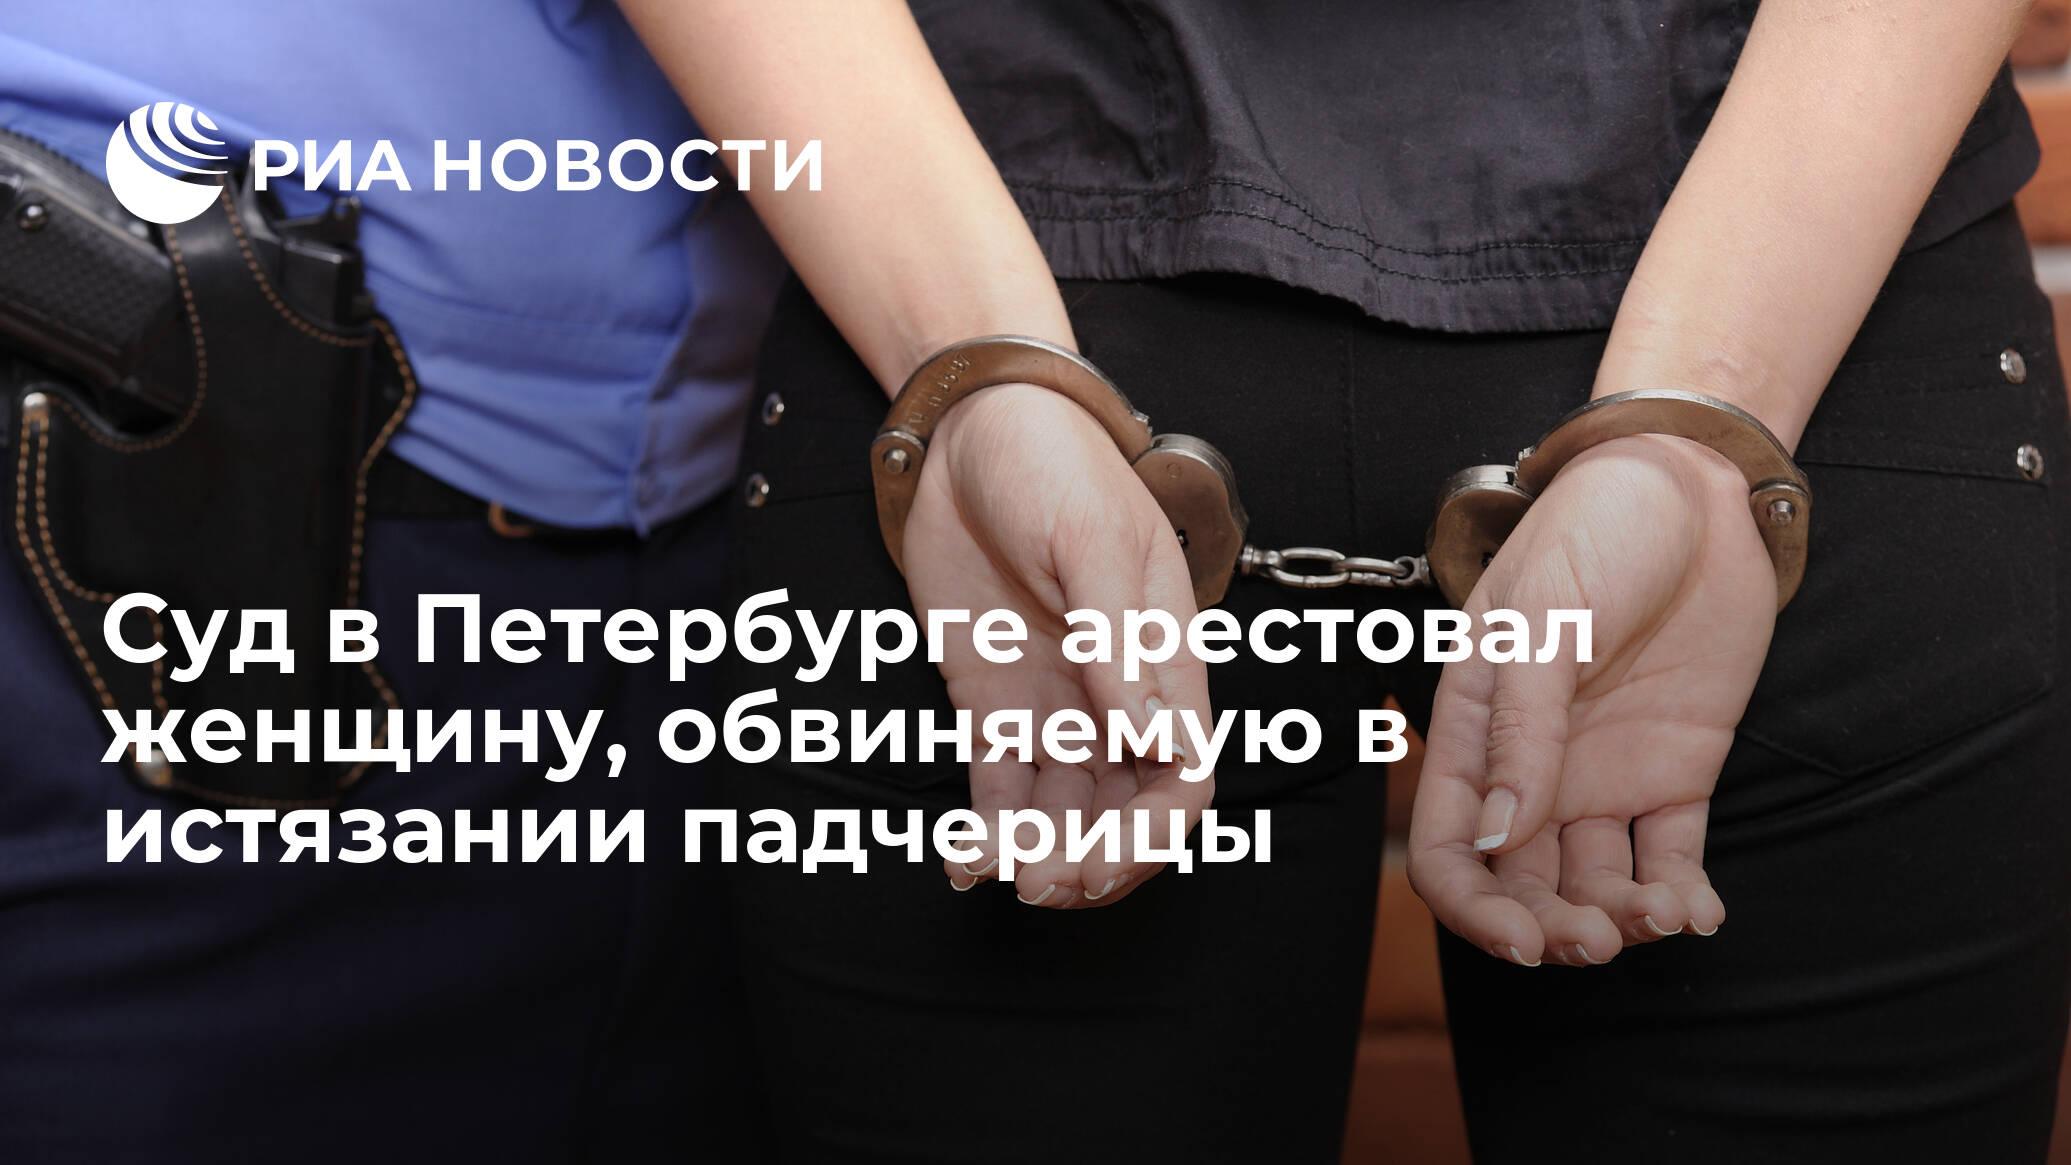 Суд в Петербурге арестовал женщину, обвиняемую в истязании падчерицы